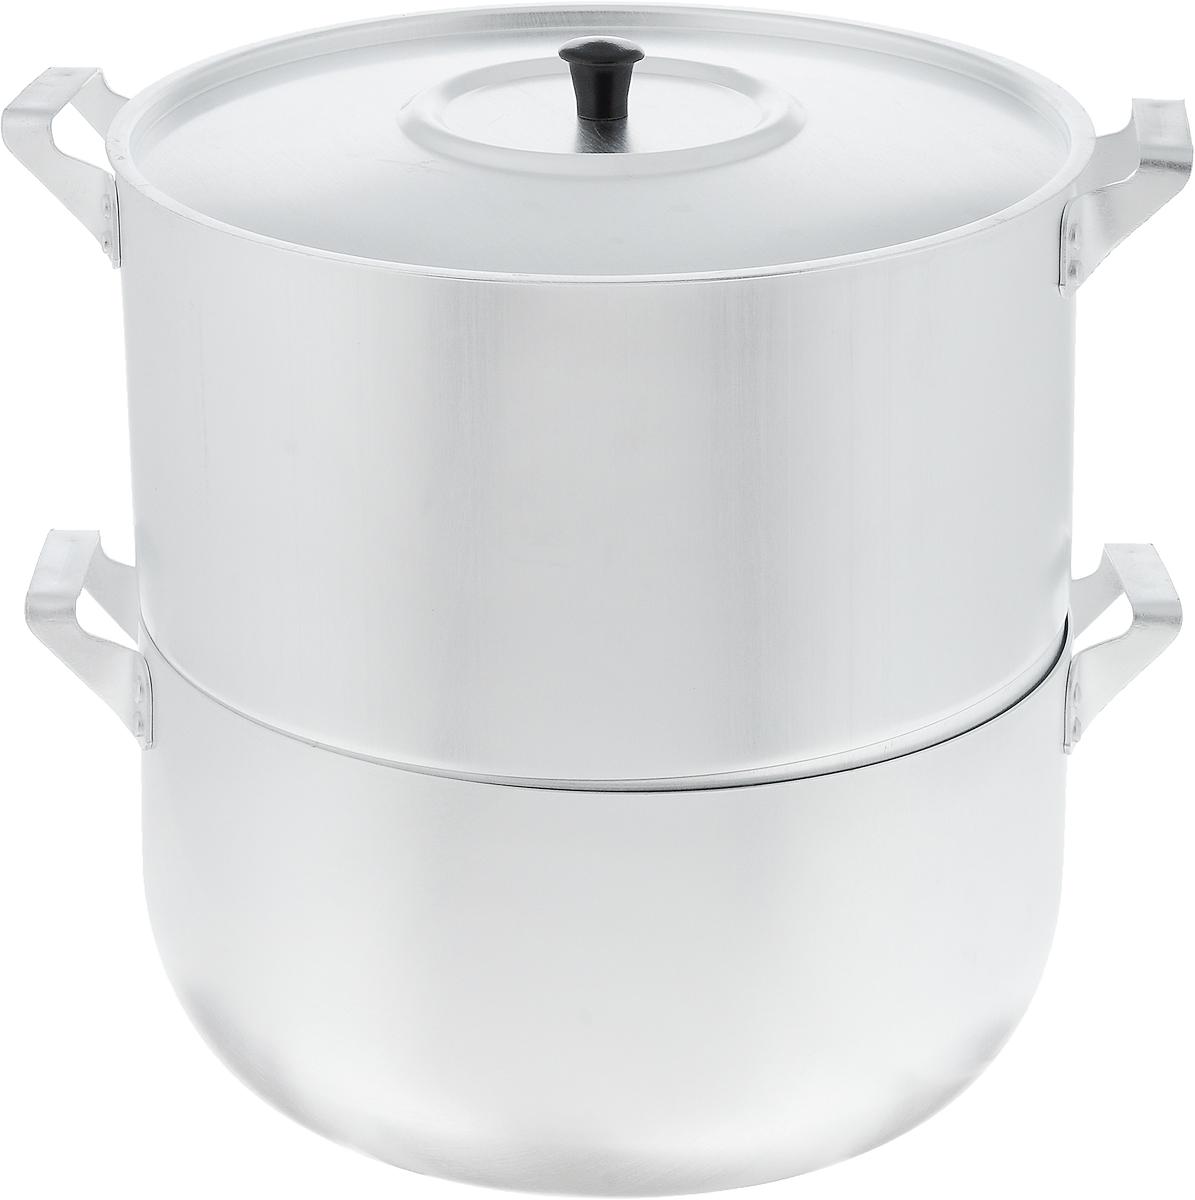 Мантоварка Scovo с крышкой, 4 яруса, 6 лМТ-040Мантоварка Scovo изготовлена из высококачественного алюминия, что делает посуду износостойкой, прочной и практичной. Глубина уровней изделия, диаметр отверстий и объем специально предназначены для приготовления мантов. В мантоварке также можно готовить и другие блюда: овощи, котлеты или пельмени. Готовить на пару очень просто, продукты не пригорают и не склеиваются, а готовое блюдо выходит рассыпчатым и ароматным. Питательные элементы и витамины не растворяются в воде, а остаются в продуктах. Еда получается не только полезной, но и по-настоящему вкусной.Подходит для газовых и электрических плит. Внутренний диаметр нижней кастрюли: 26 см. Внутренний диаметр верхнего корпуса: 26 см. Общая высота стенки мантоварки: 25,5 см. Расстояние между решетками (ярусами) мантоварки: 3 см.Диаметр отверстий: 1 см.